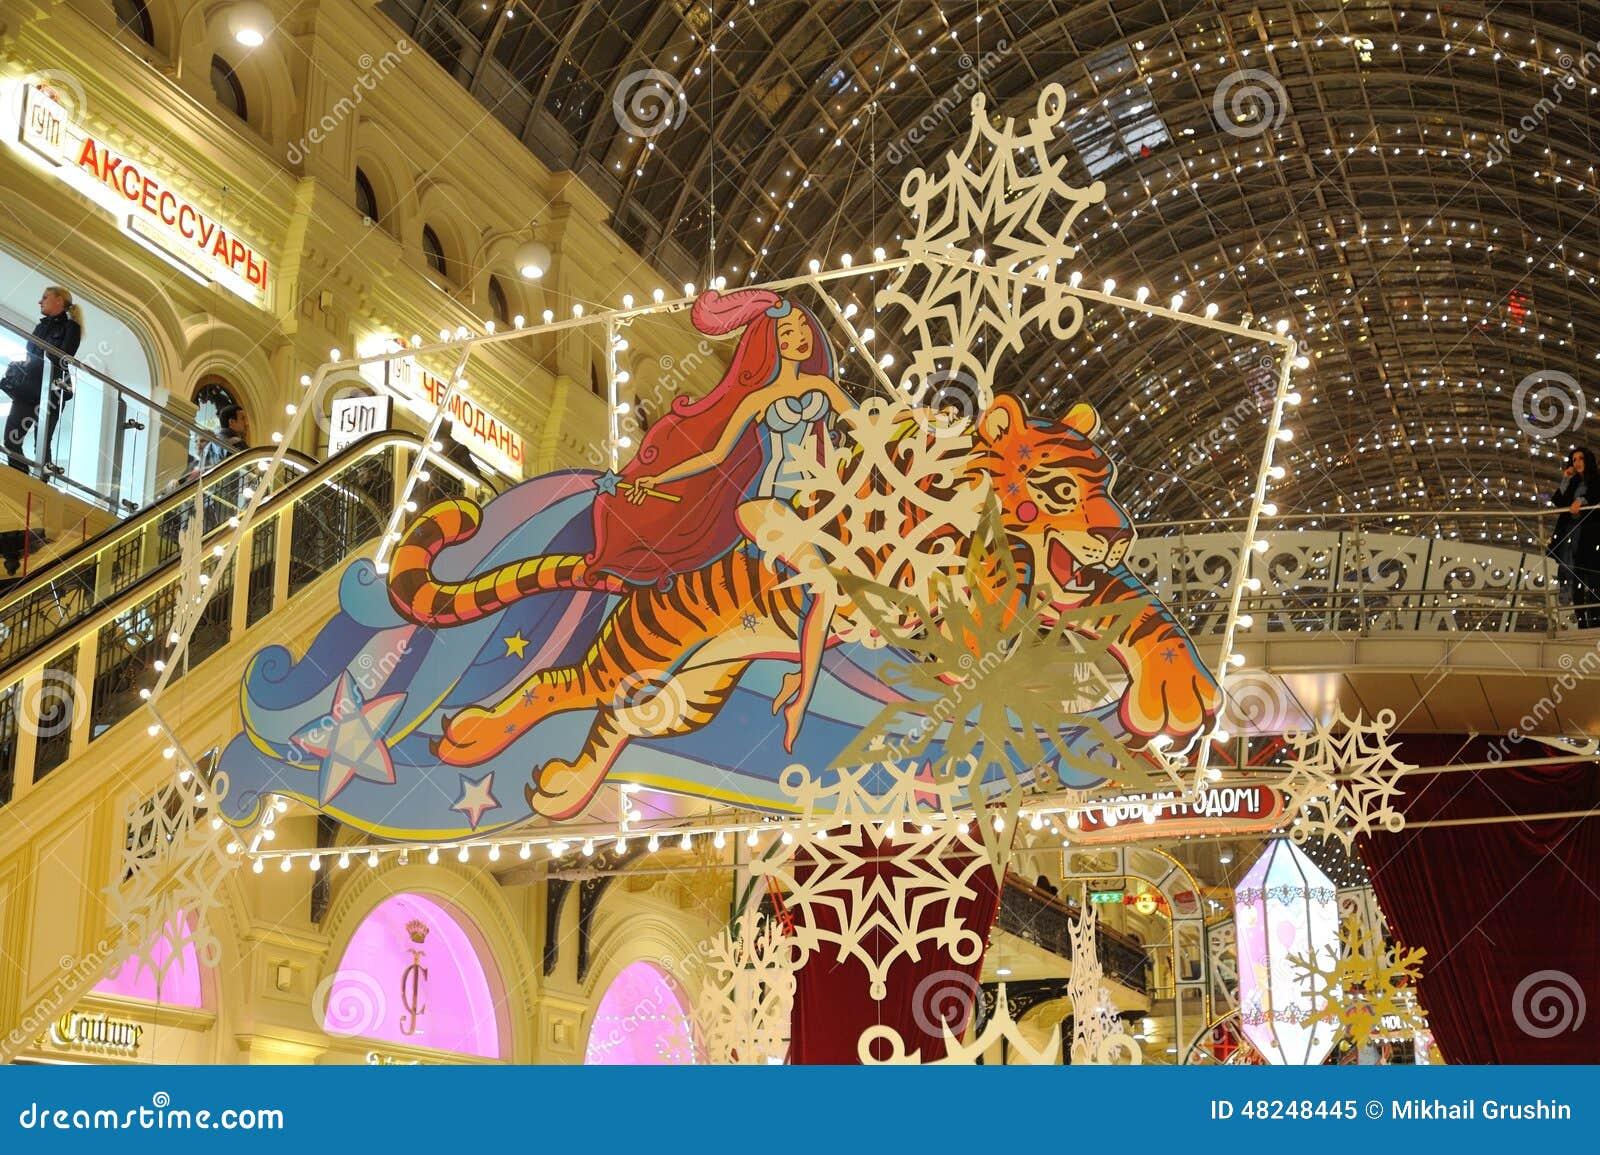 Illuminazioni E Decorazioni Di Natale Nell'ambito Di Un Soffitto ...